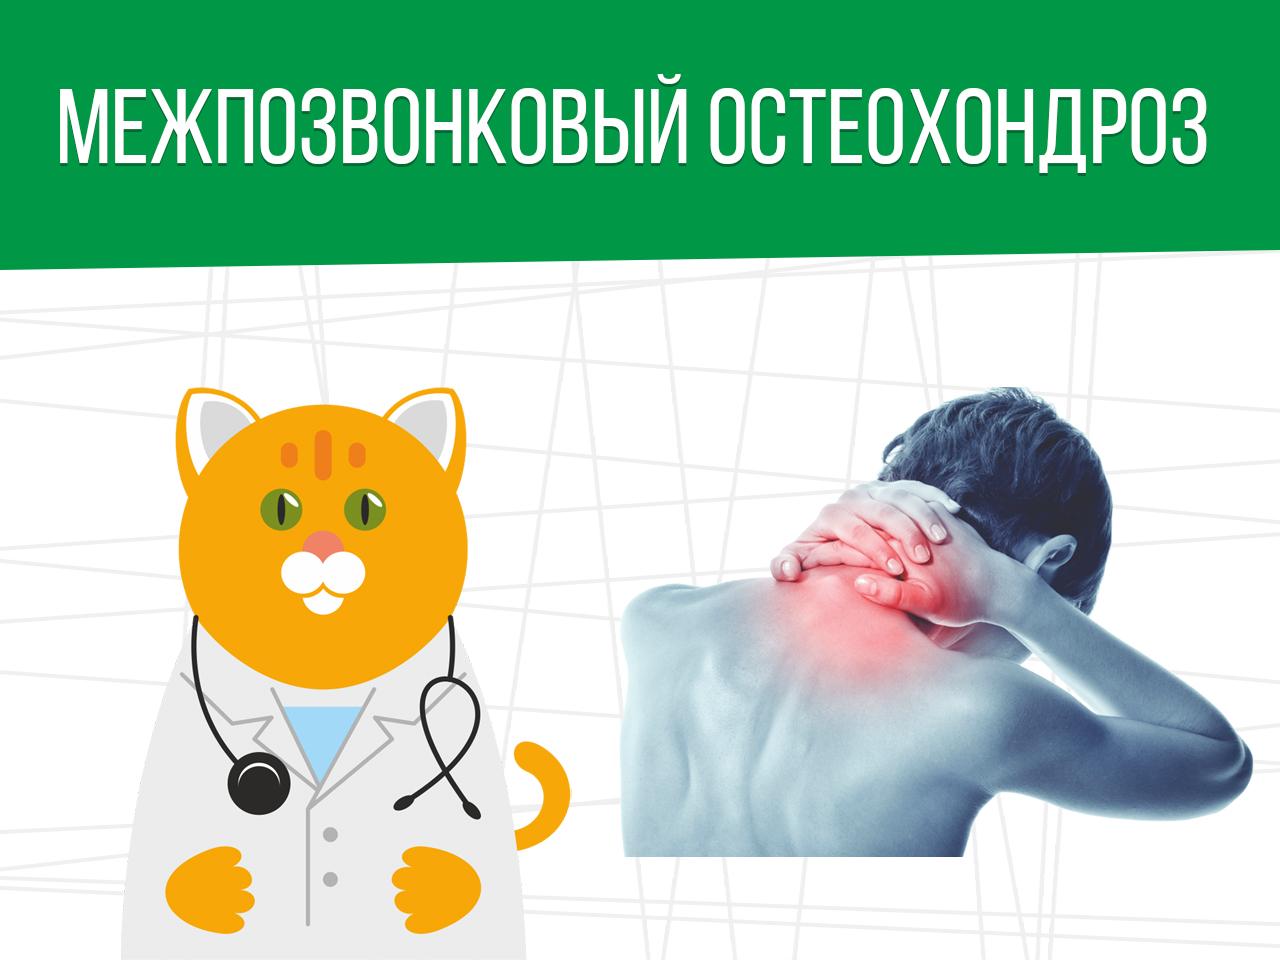 Межпозвонковый остеохондроз: какая категория годности?